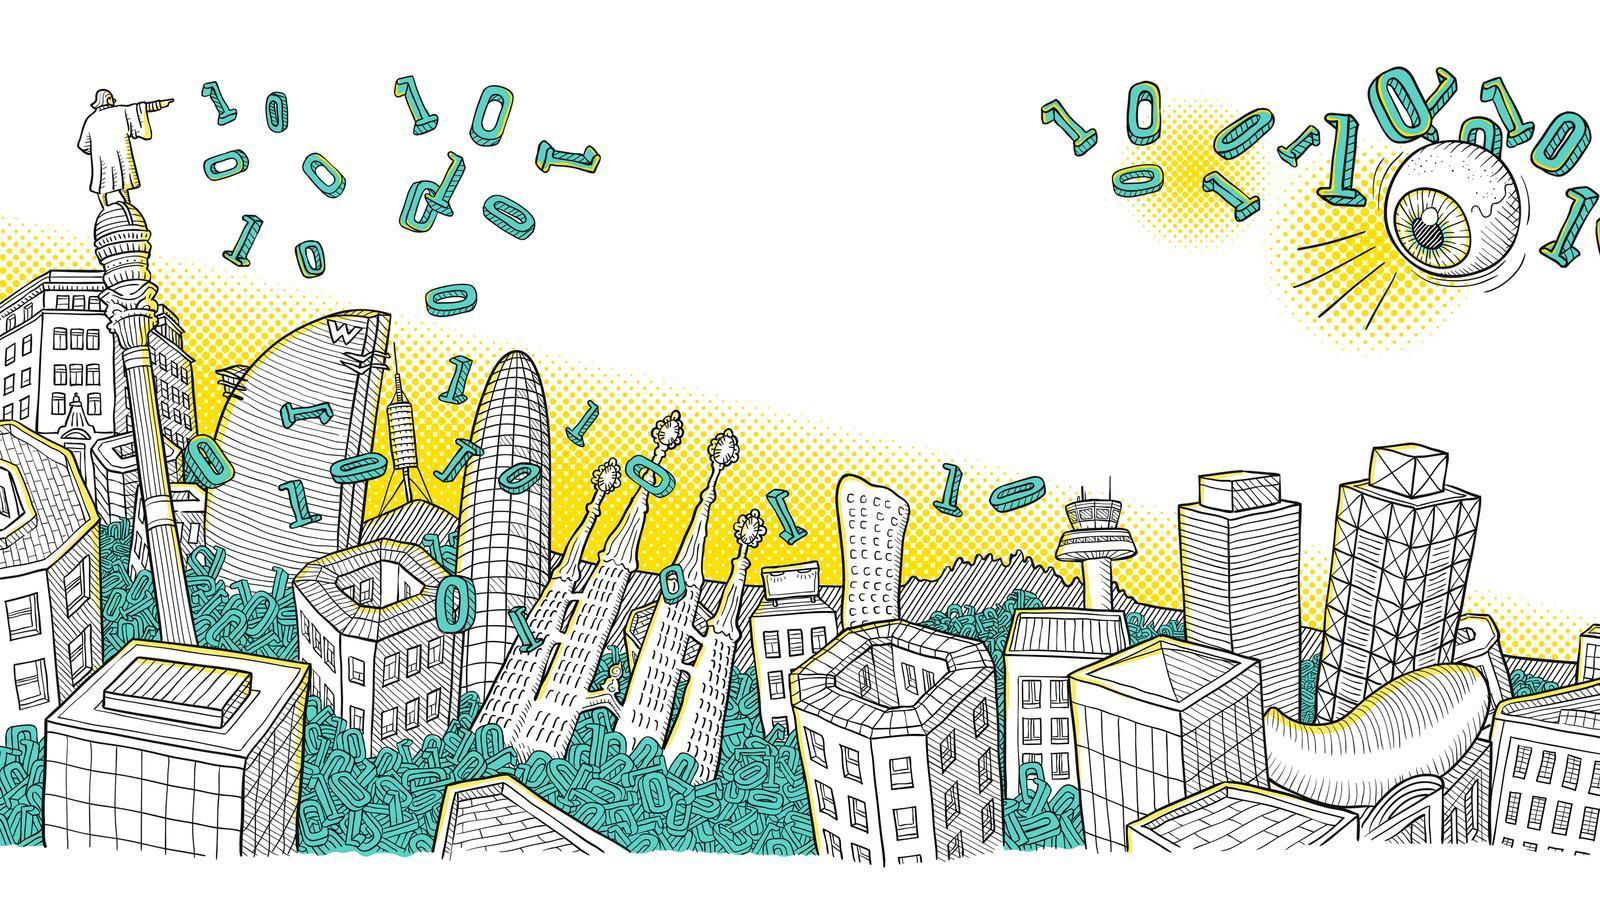 El 'big data' inunda Barcelona / FELIP PARIZA